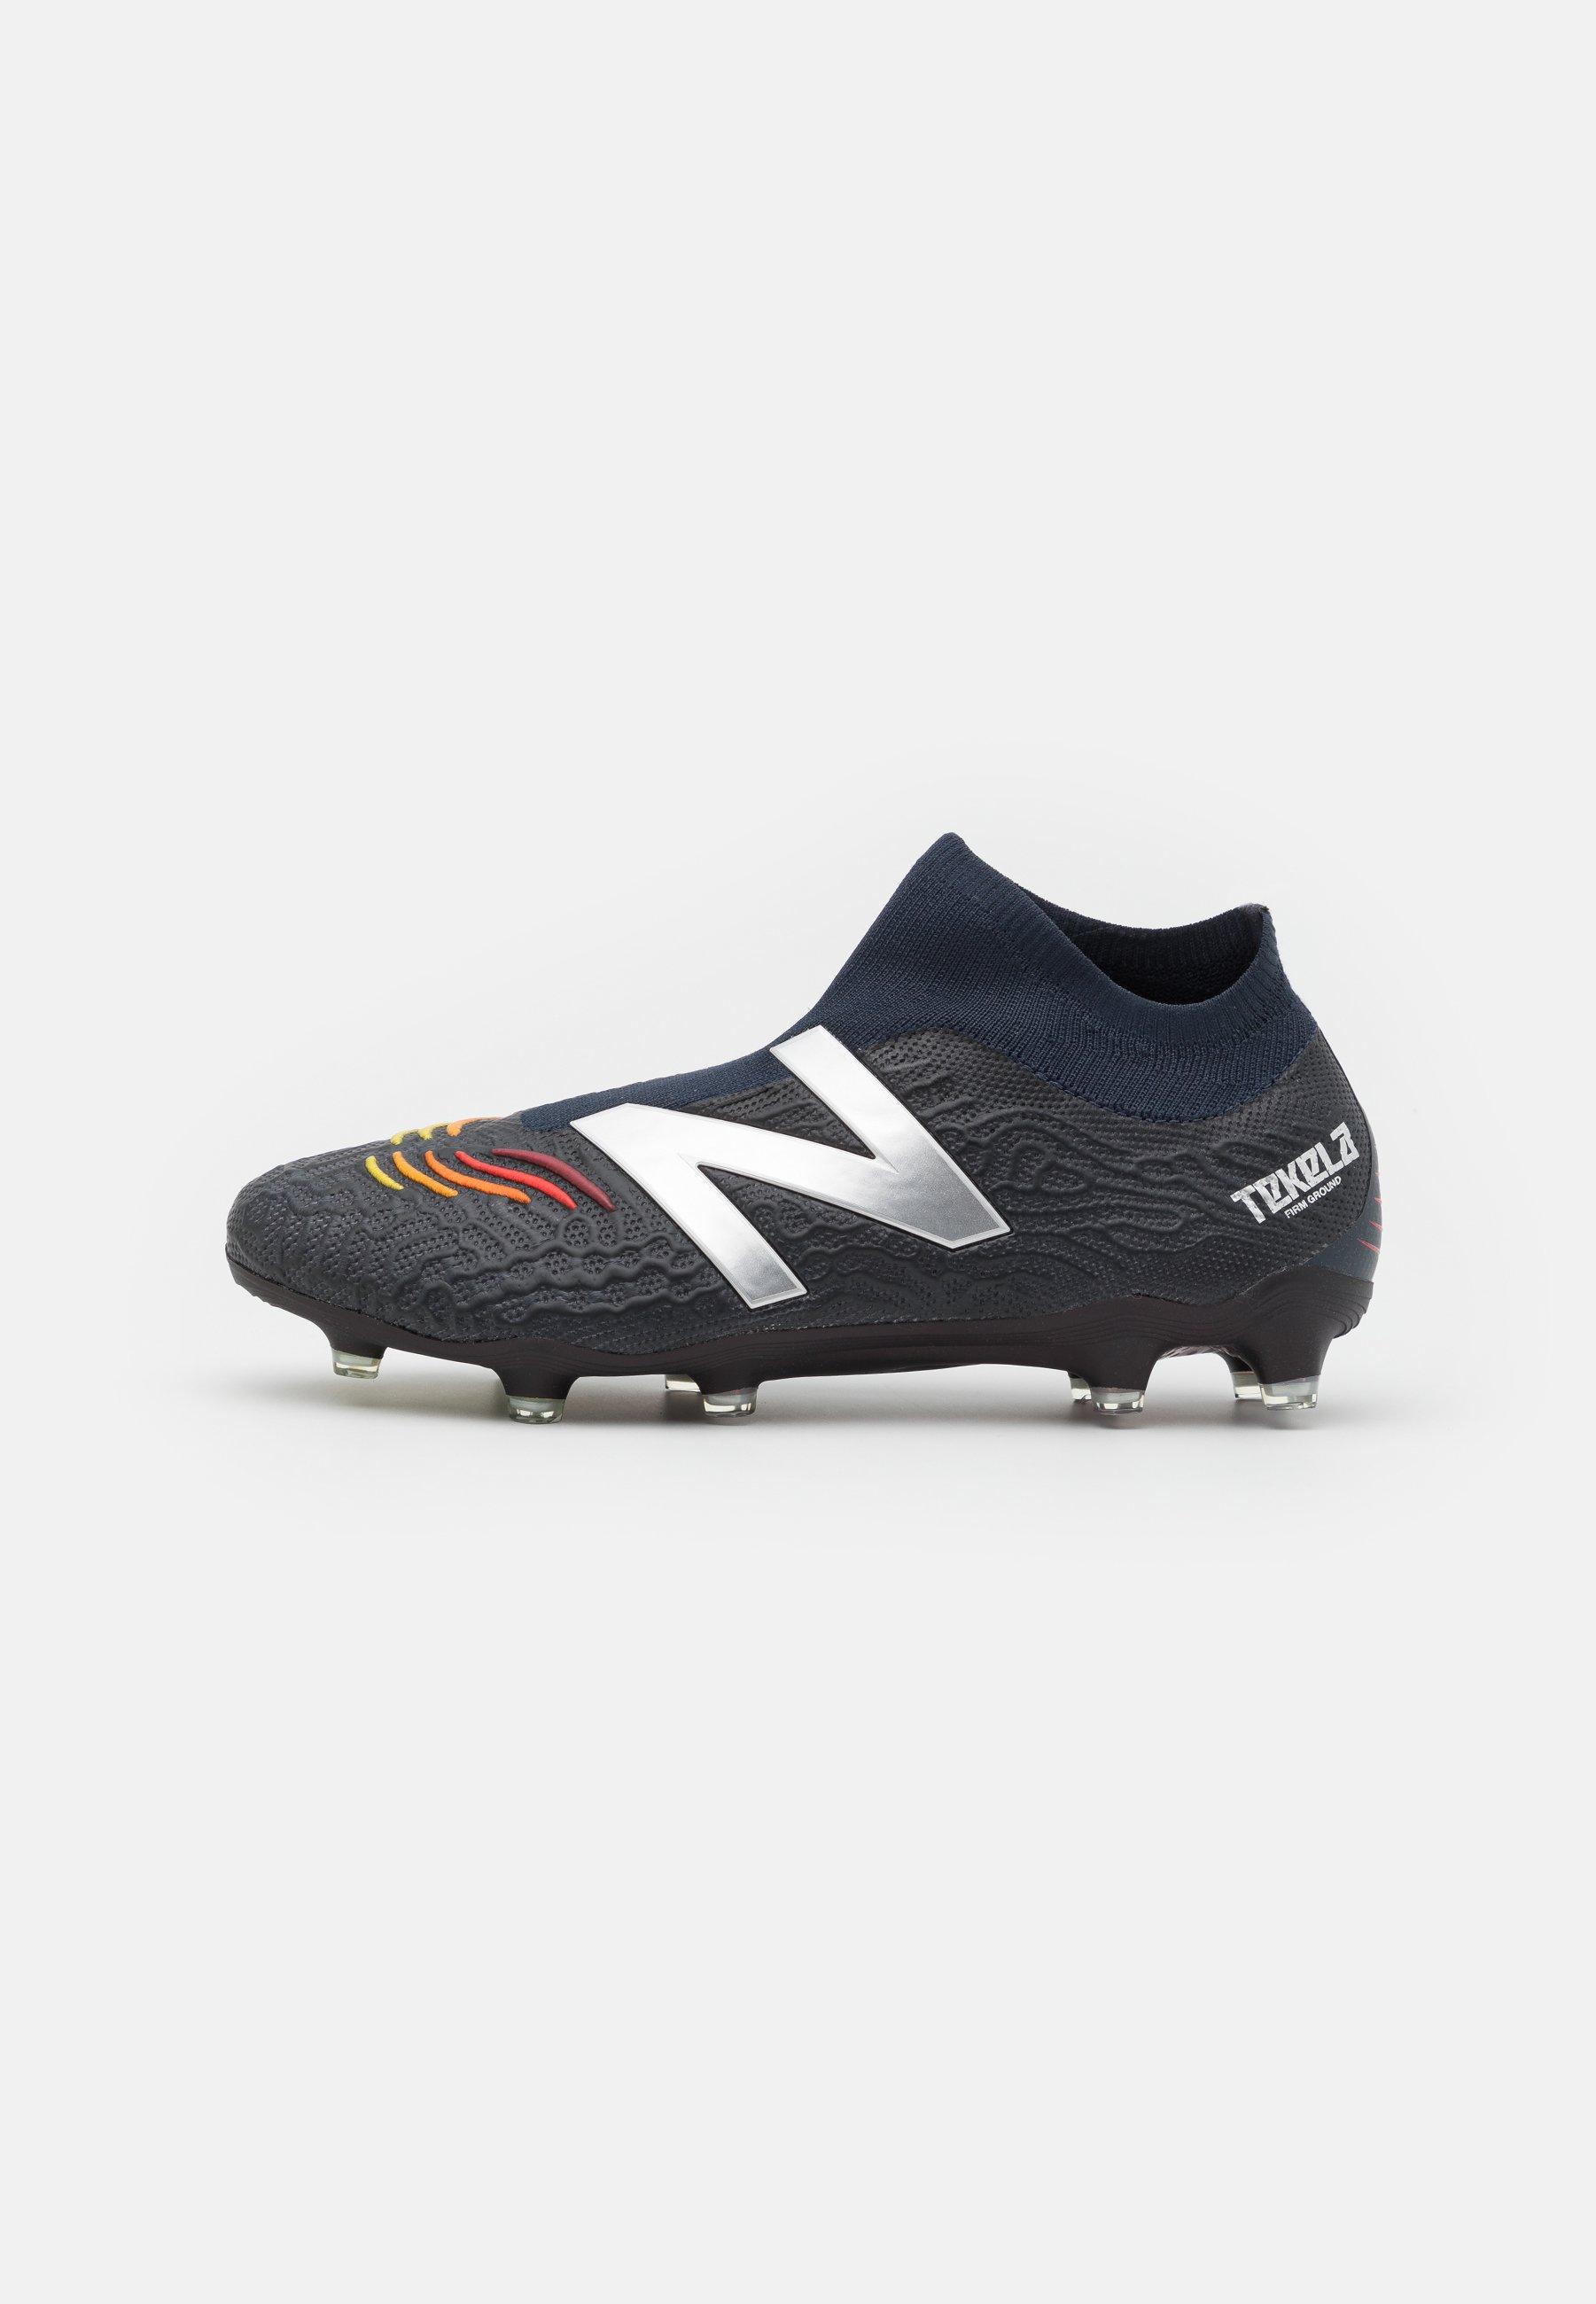 New Balance MST1F - Chaussures de foot à crampons - eclipse/bleu ...